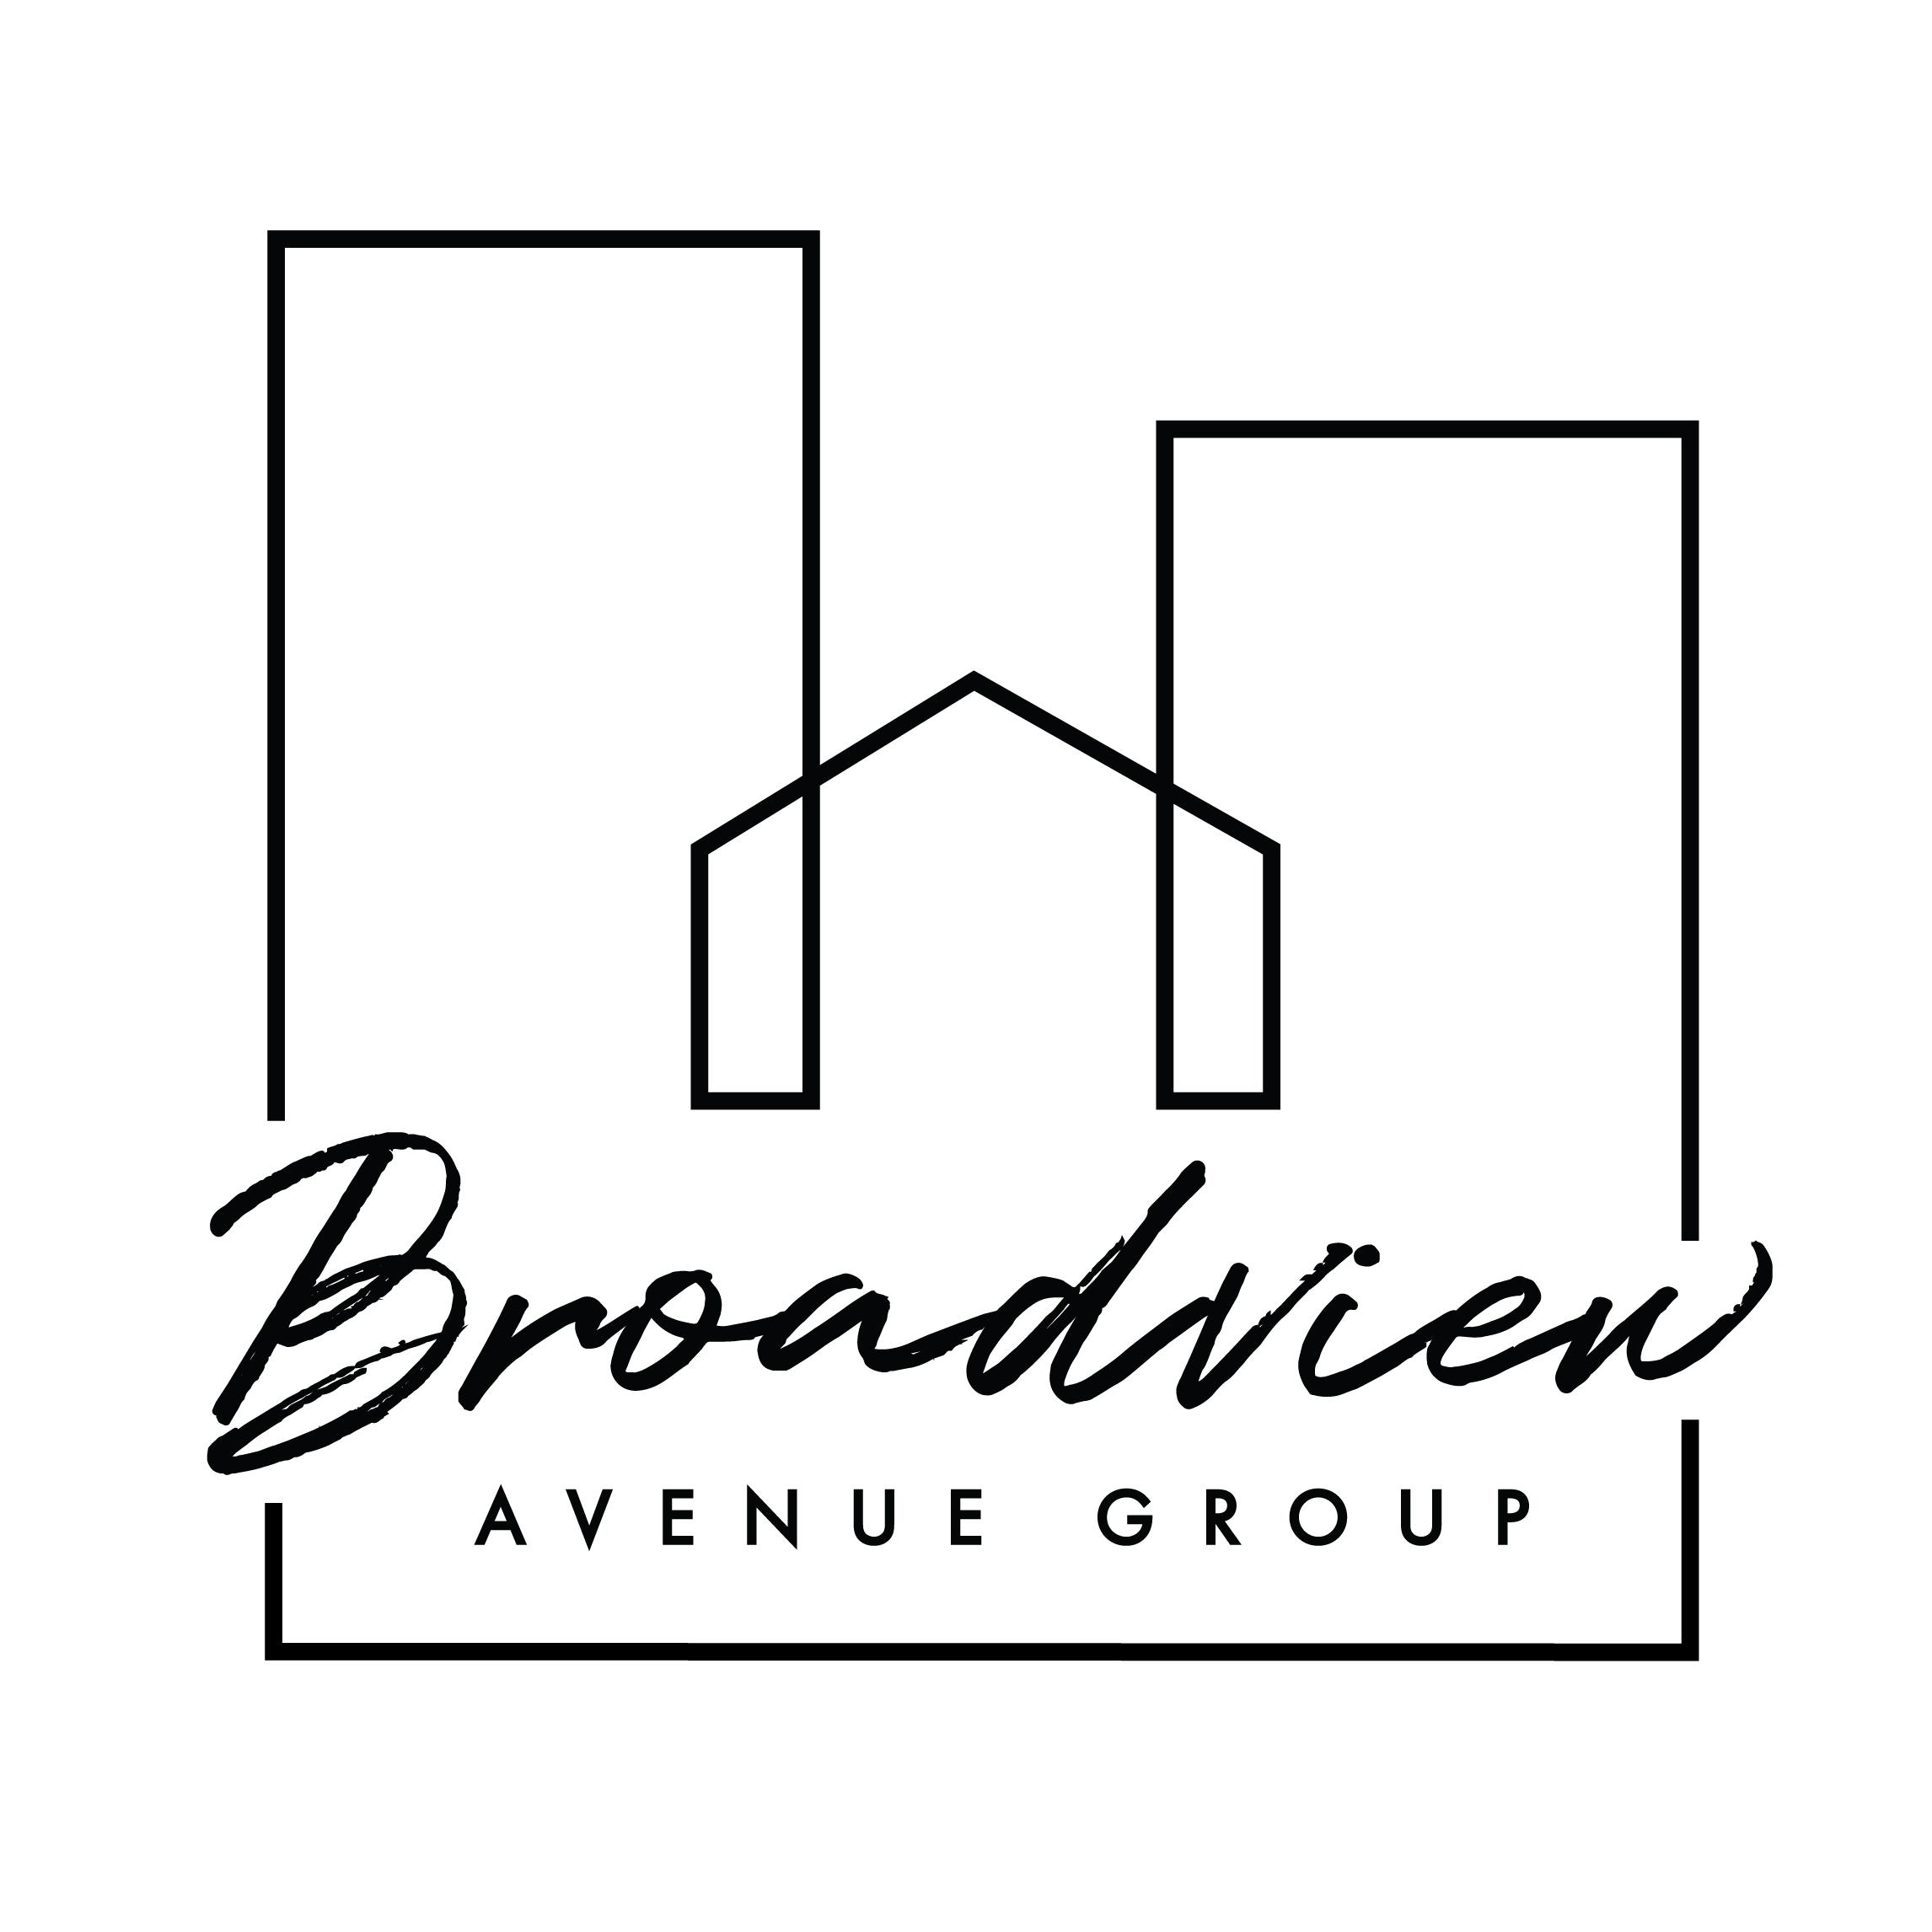 Broadview Avenue Group - Black - RGB.jpg